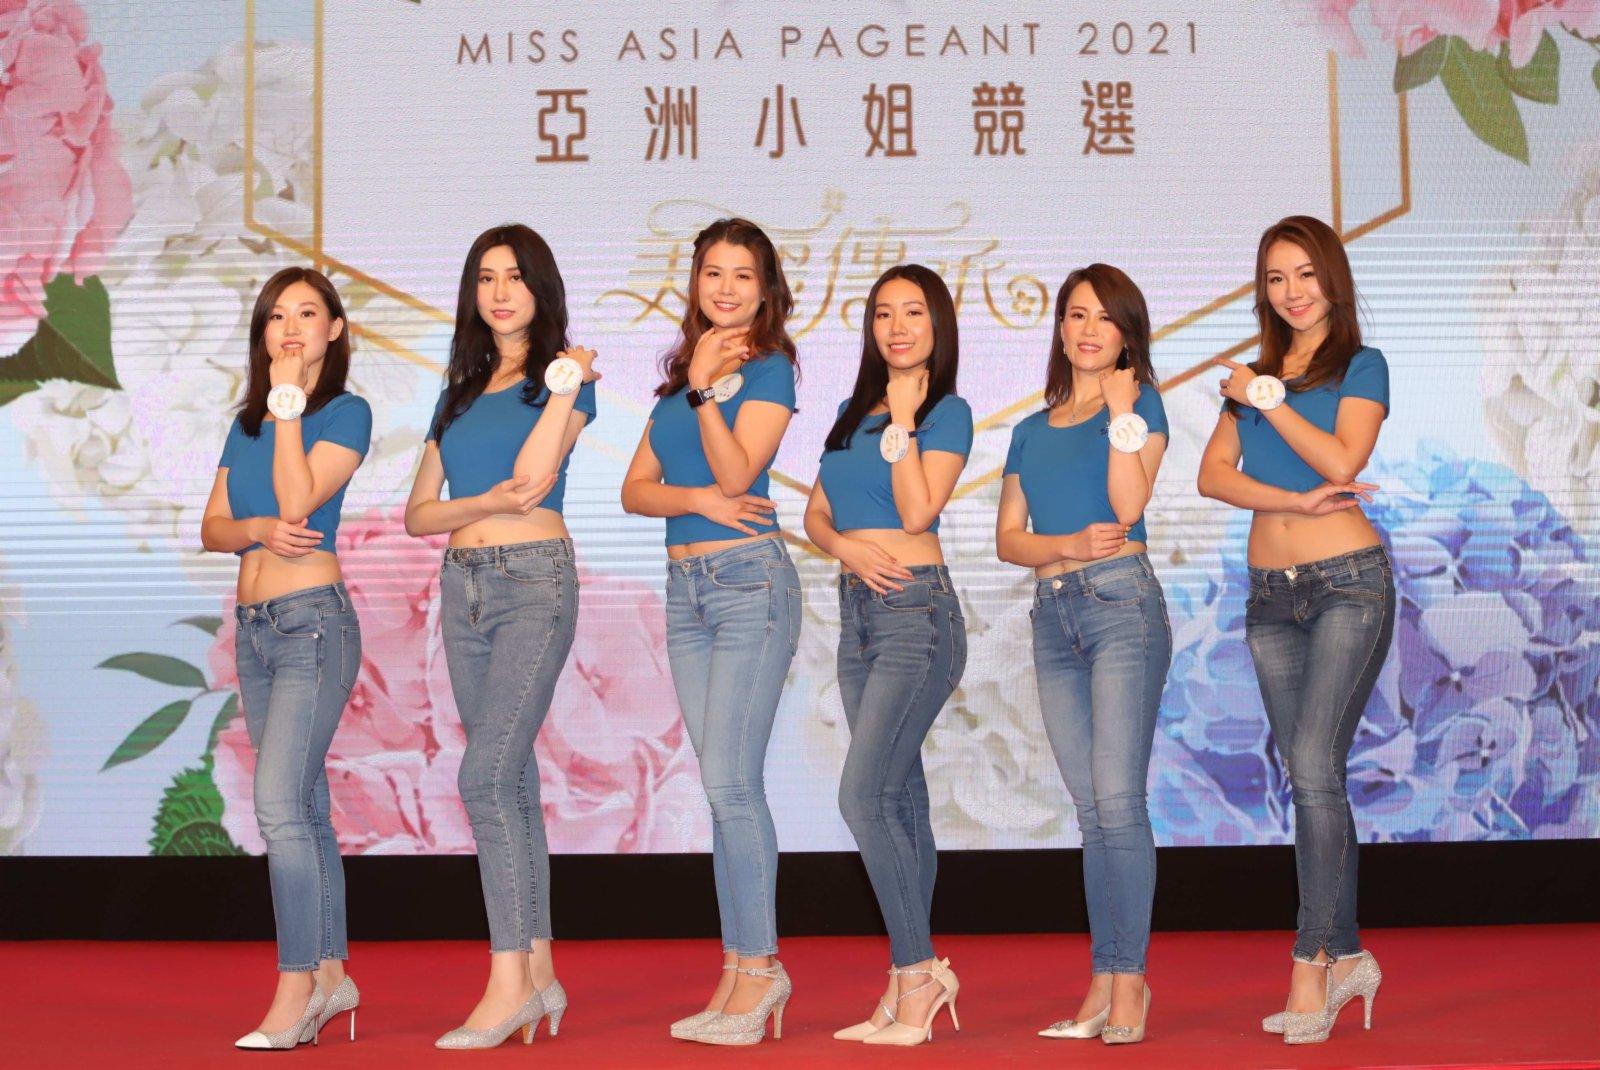 13號孫一丹、14號仇澤華、「2020年亞洲小」彭紫荊、15號陳琳琳、16號洪蓉蓉及17號梁欣娟(香港文匯報)